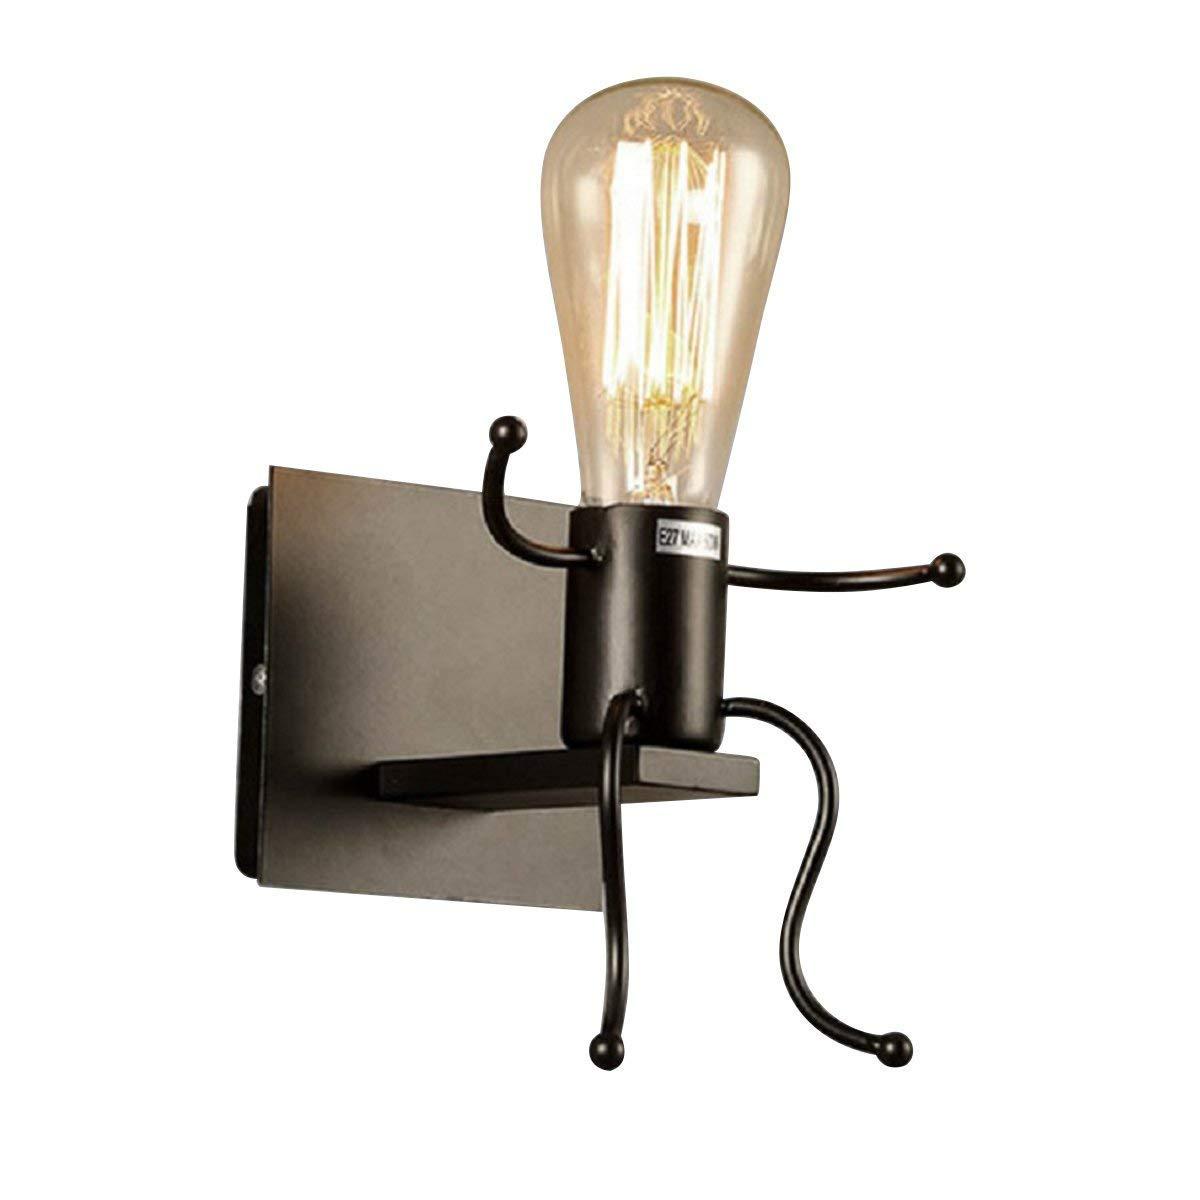 Kreative Vintage Wandleuchte LED Industrie Retro Wandlampe Schwarz Eisen E27 Halter Innen Art Deco für Bar, Schlafzimmer, Küche, Restaurant, Café, Flur, Schwarz [Energieklasse A++] Küche Café NOCHX